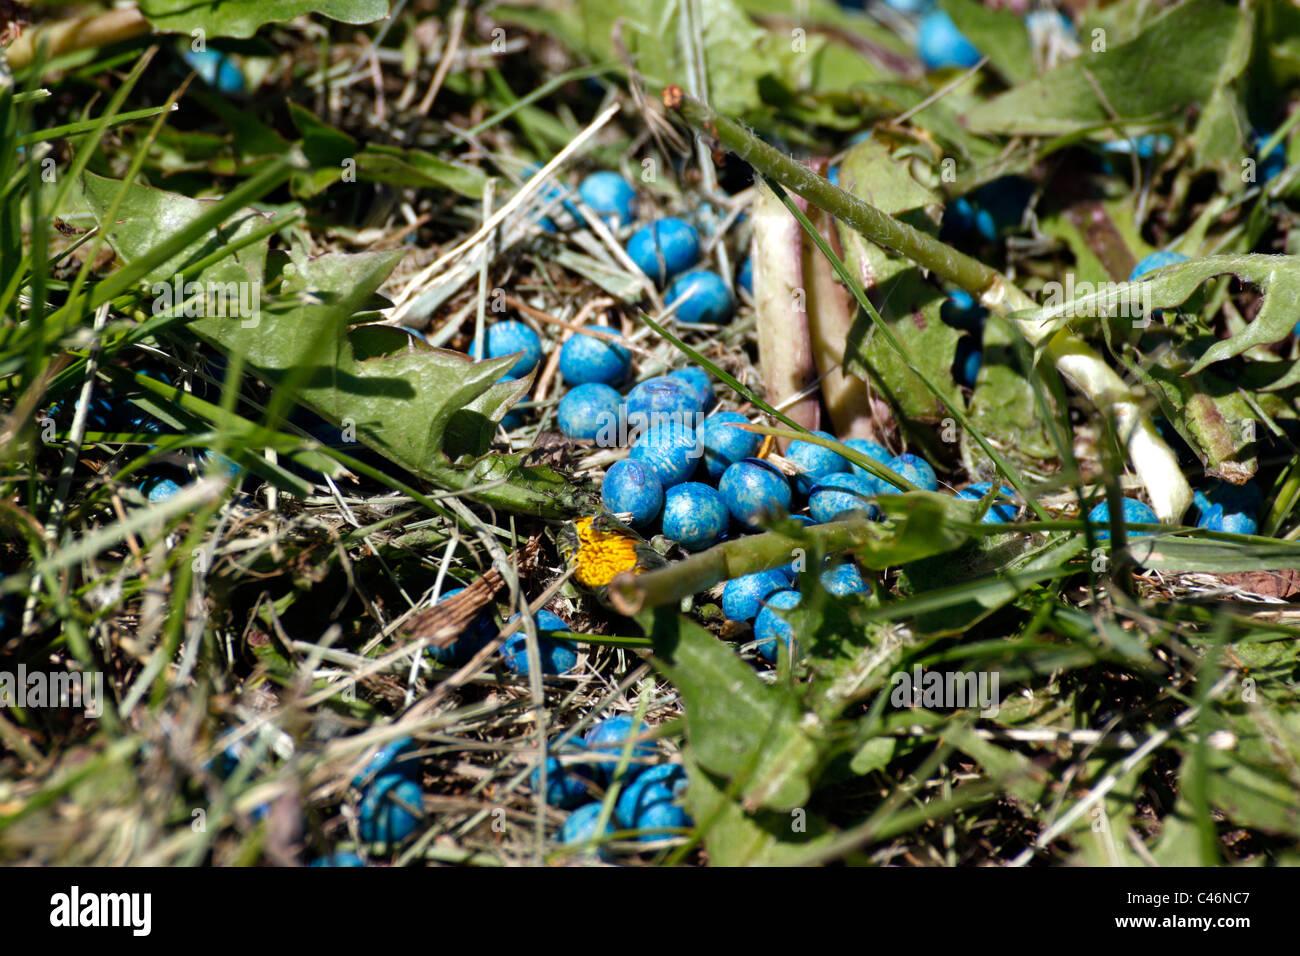 Graine de soja déversé en revêtement fongicide bleu(?) Photo Stock